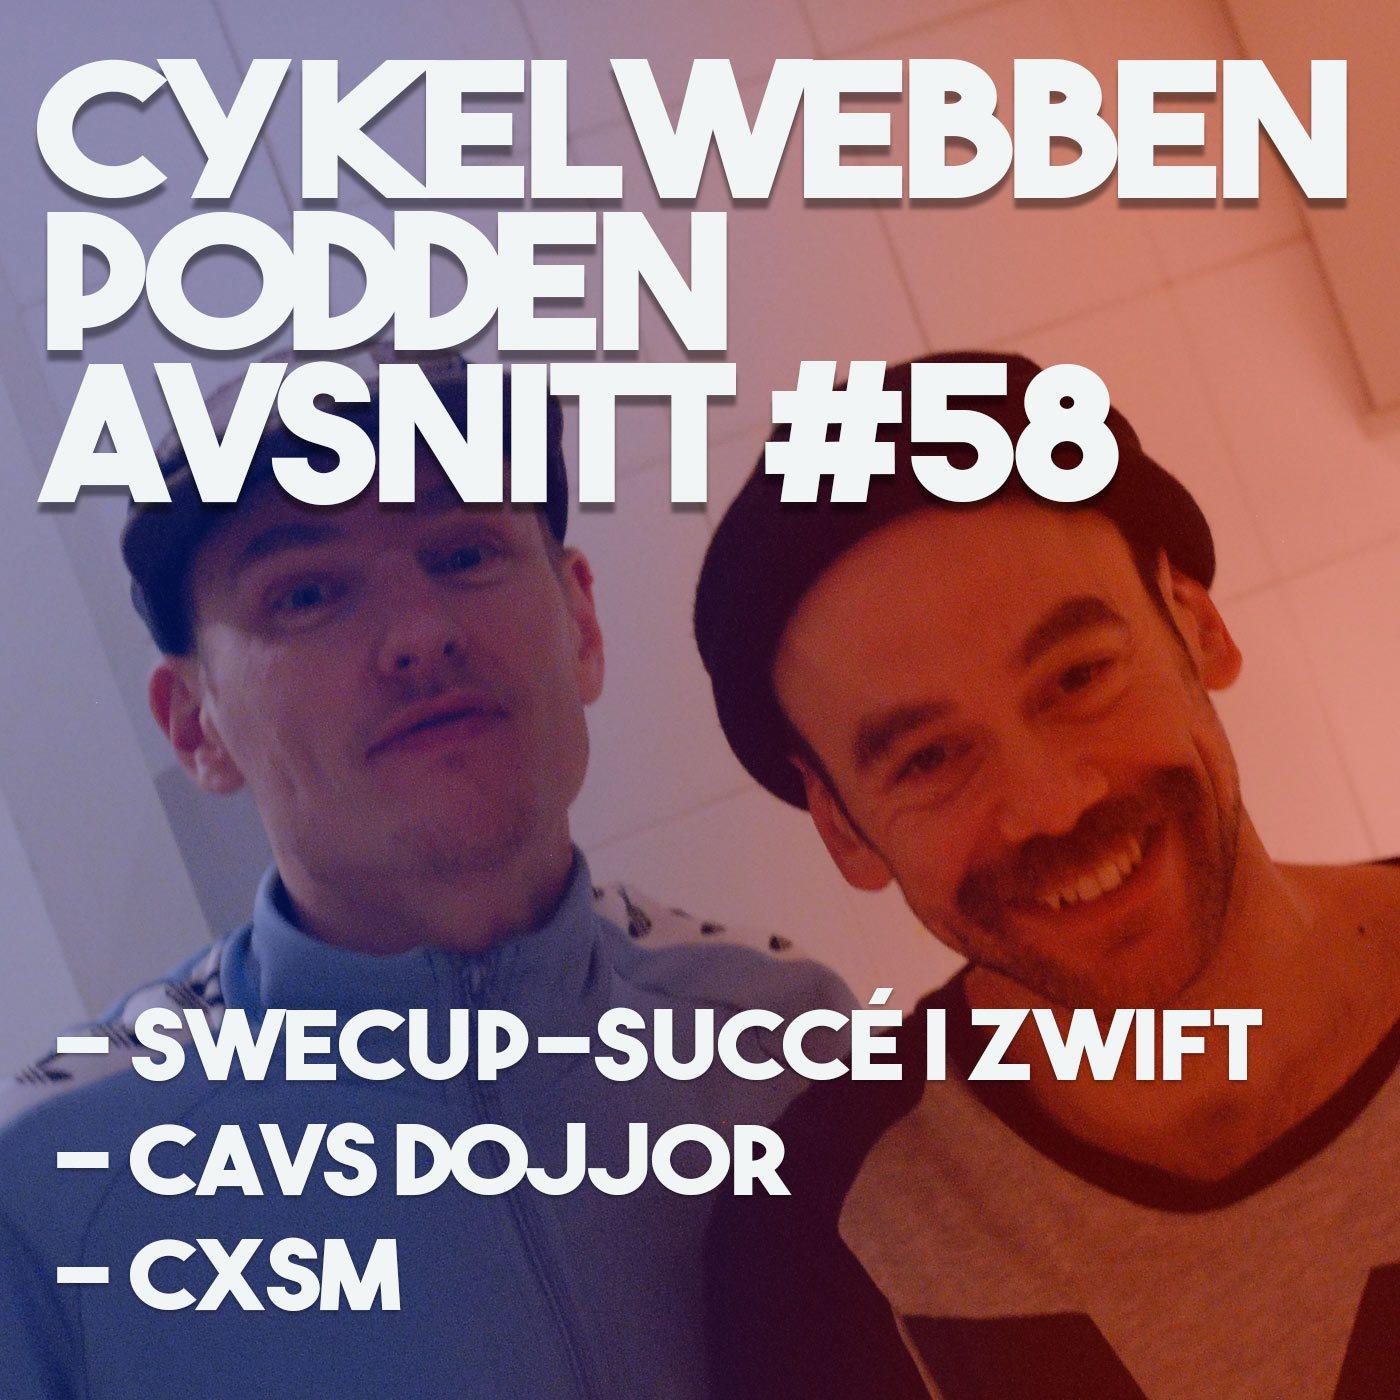 Omslagsbild för Cykelwebbenpodden avsnitt 58 där vi pratar Zwift, Cykelkross, Gravel och massa annat.